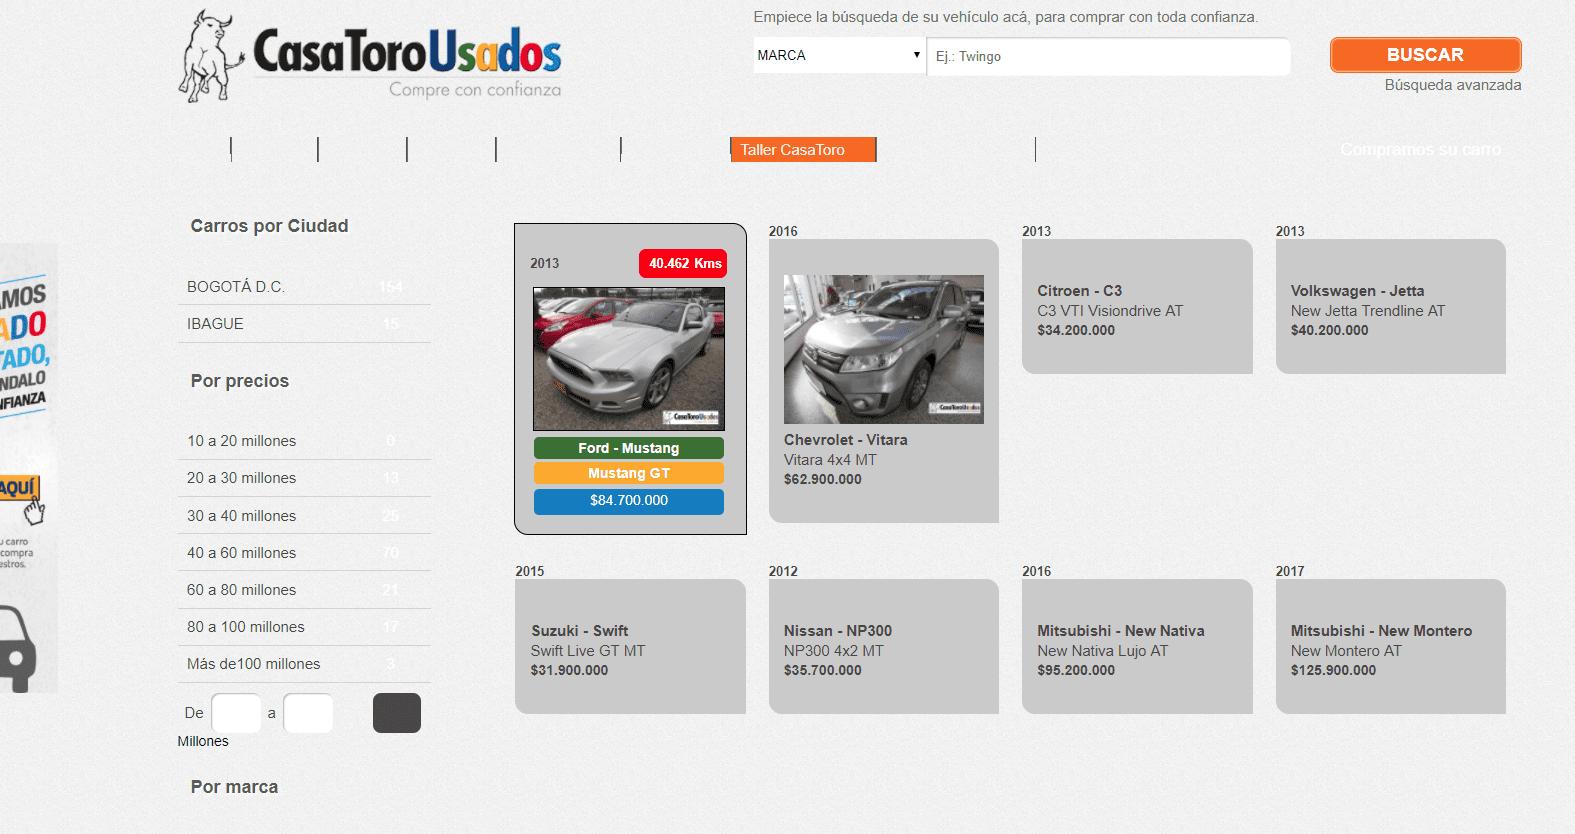 CasaToro uno de los mejores concesionarios de autos usados en Colombia